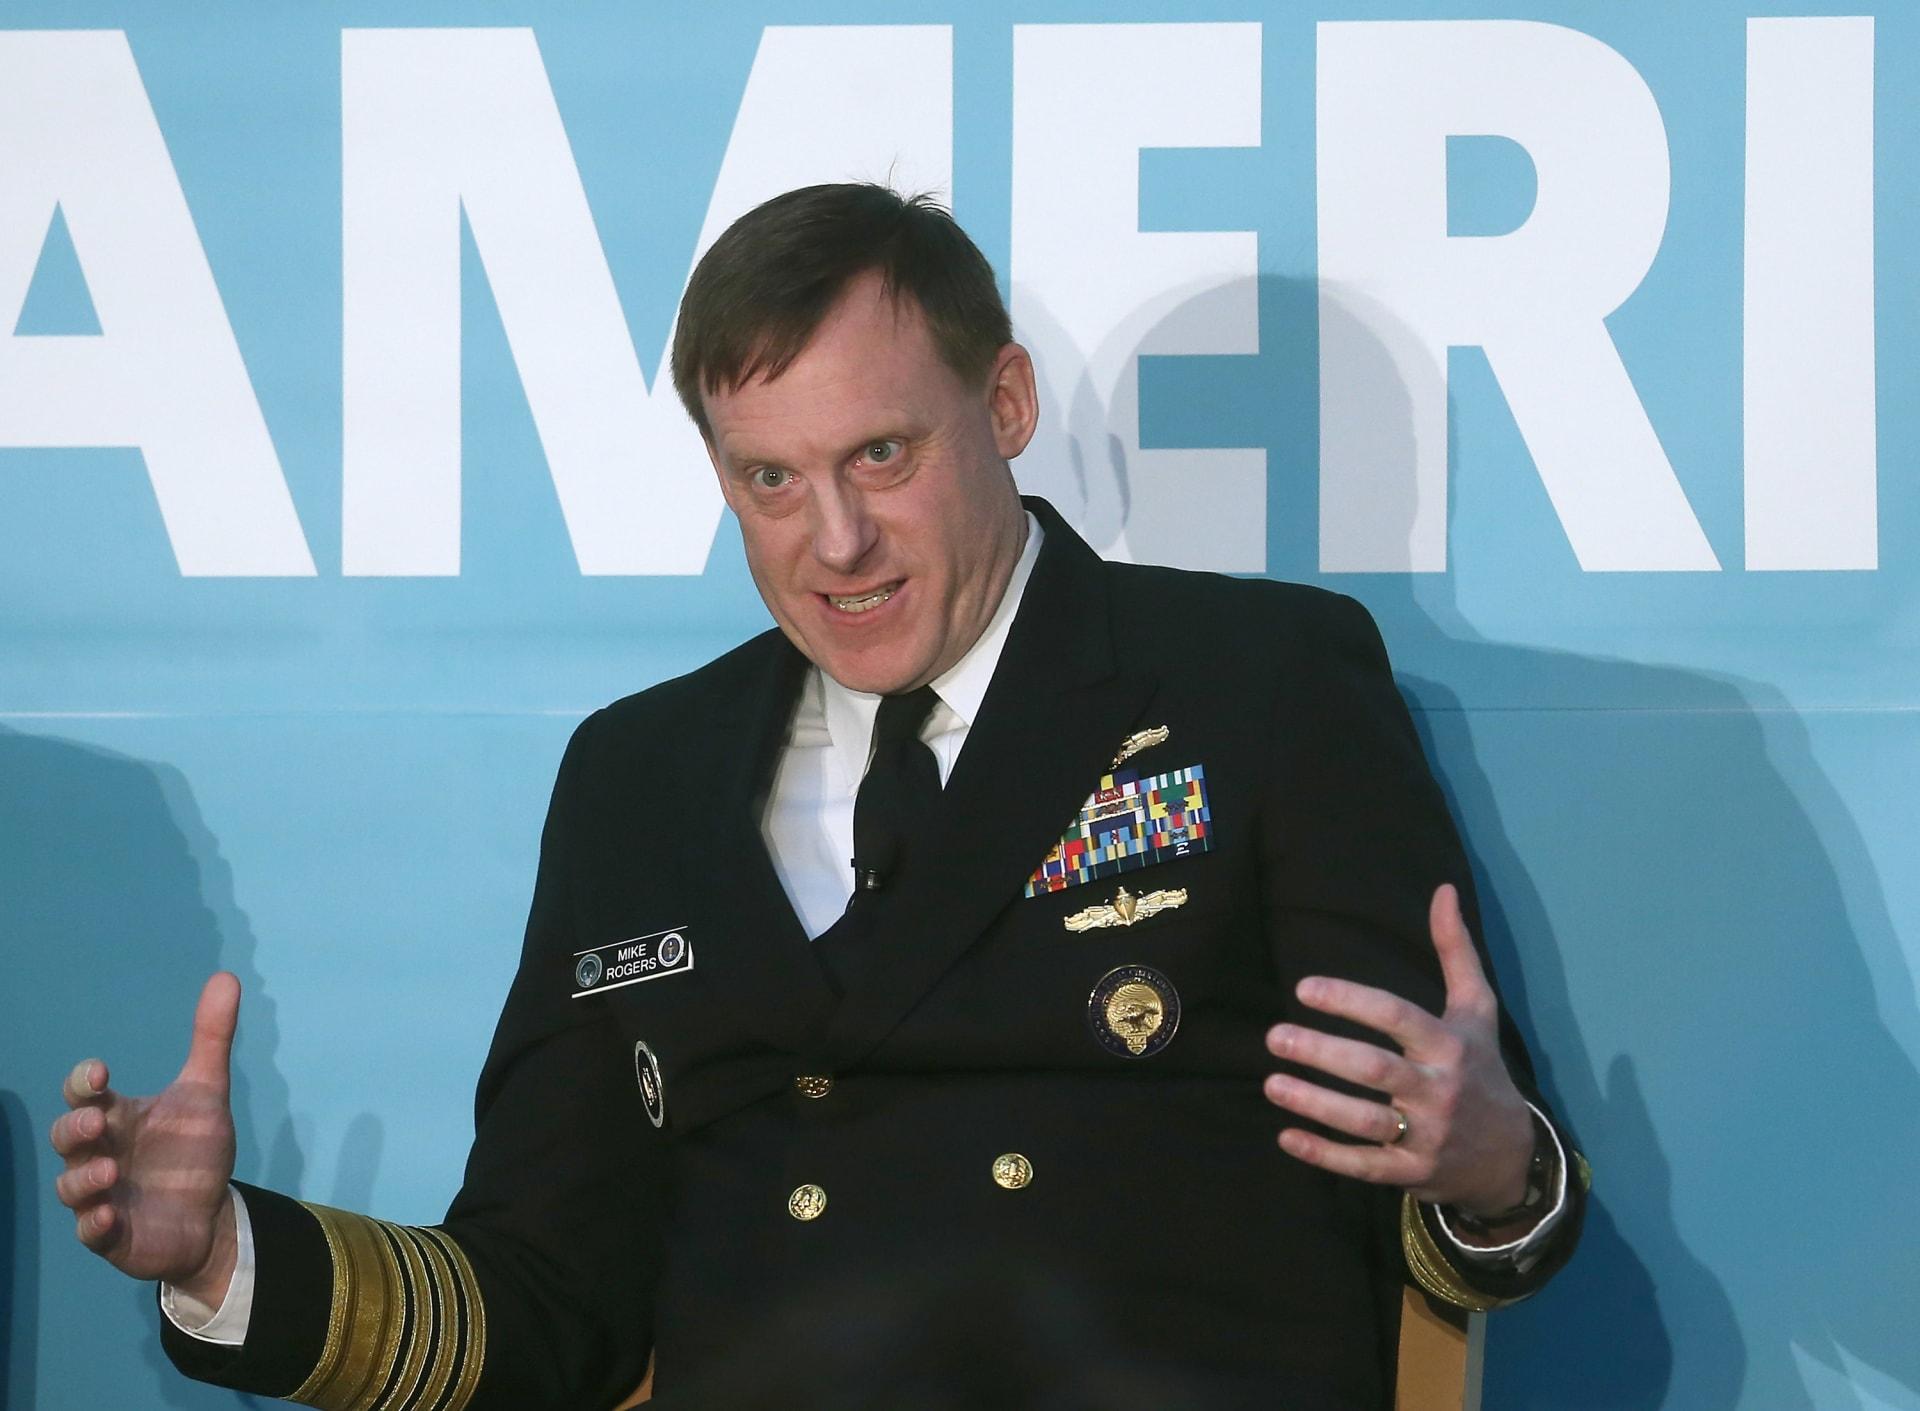 وزير الدفاع ومدير الاستخبارات الأمريكية يطالبان باستبدال رئيس وكالة الأمن القومي